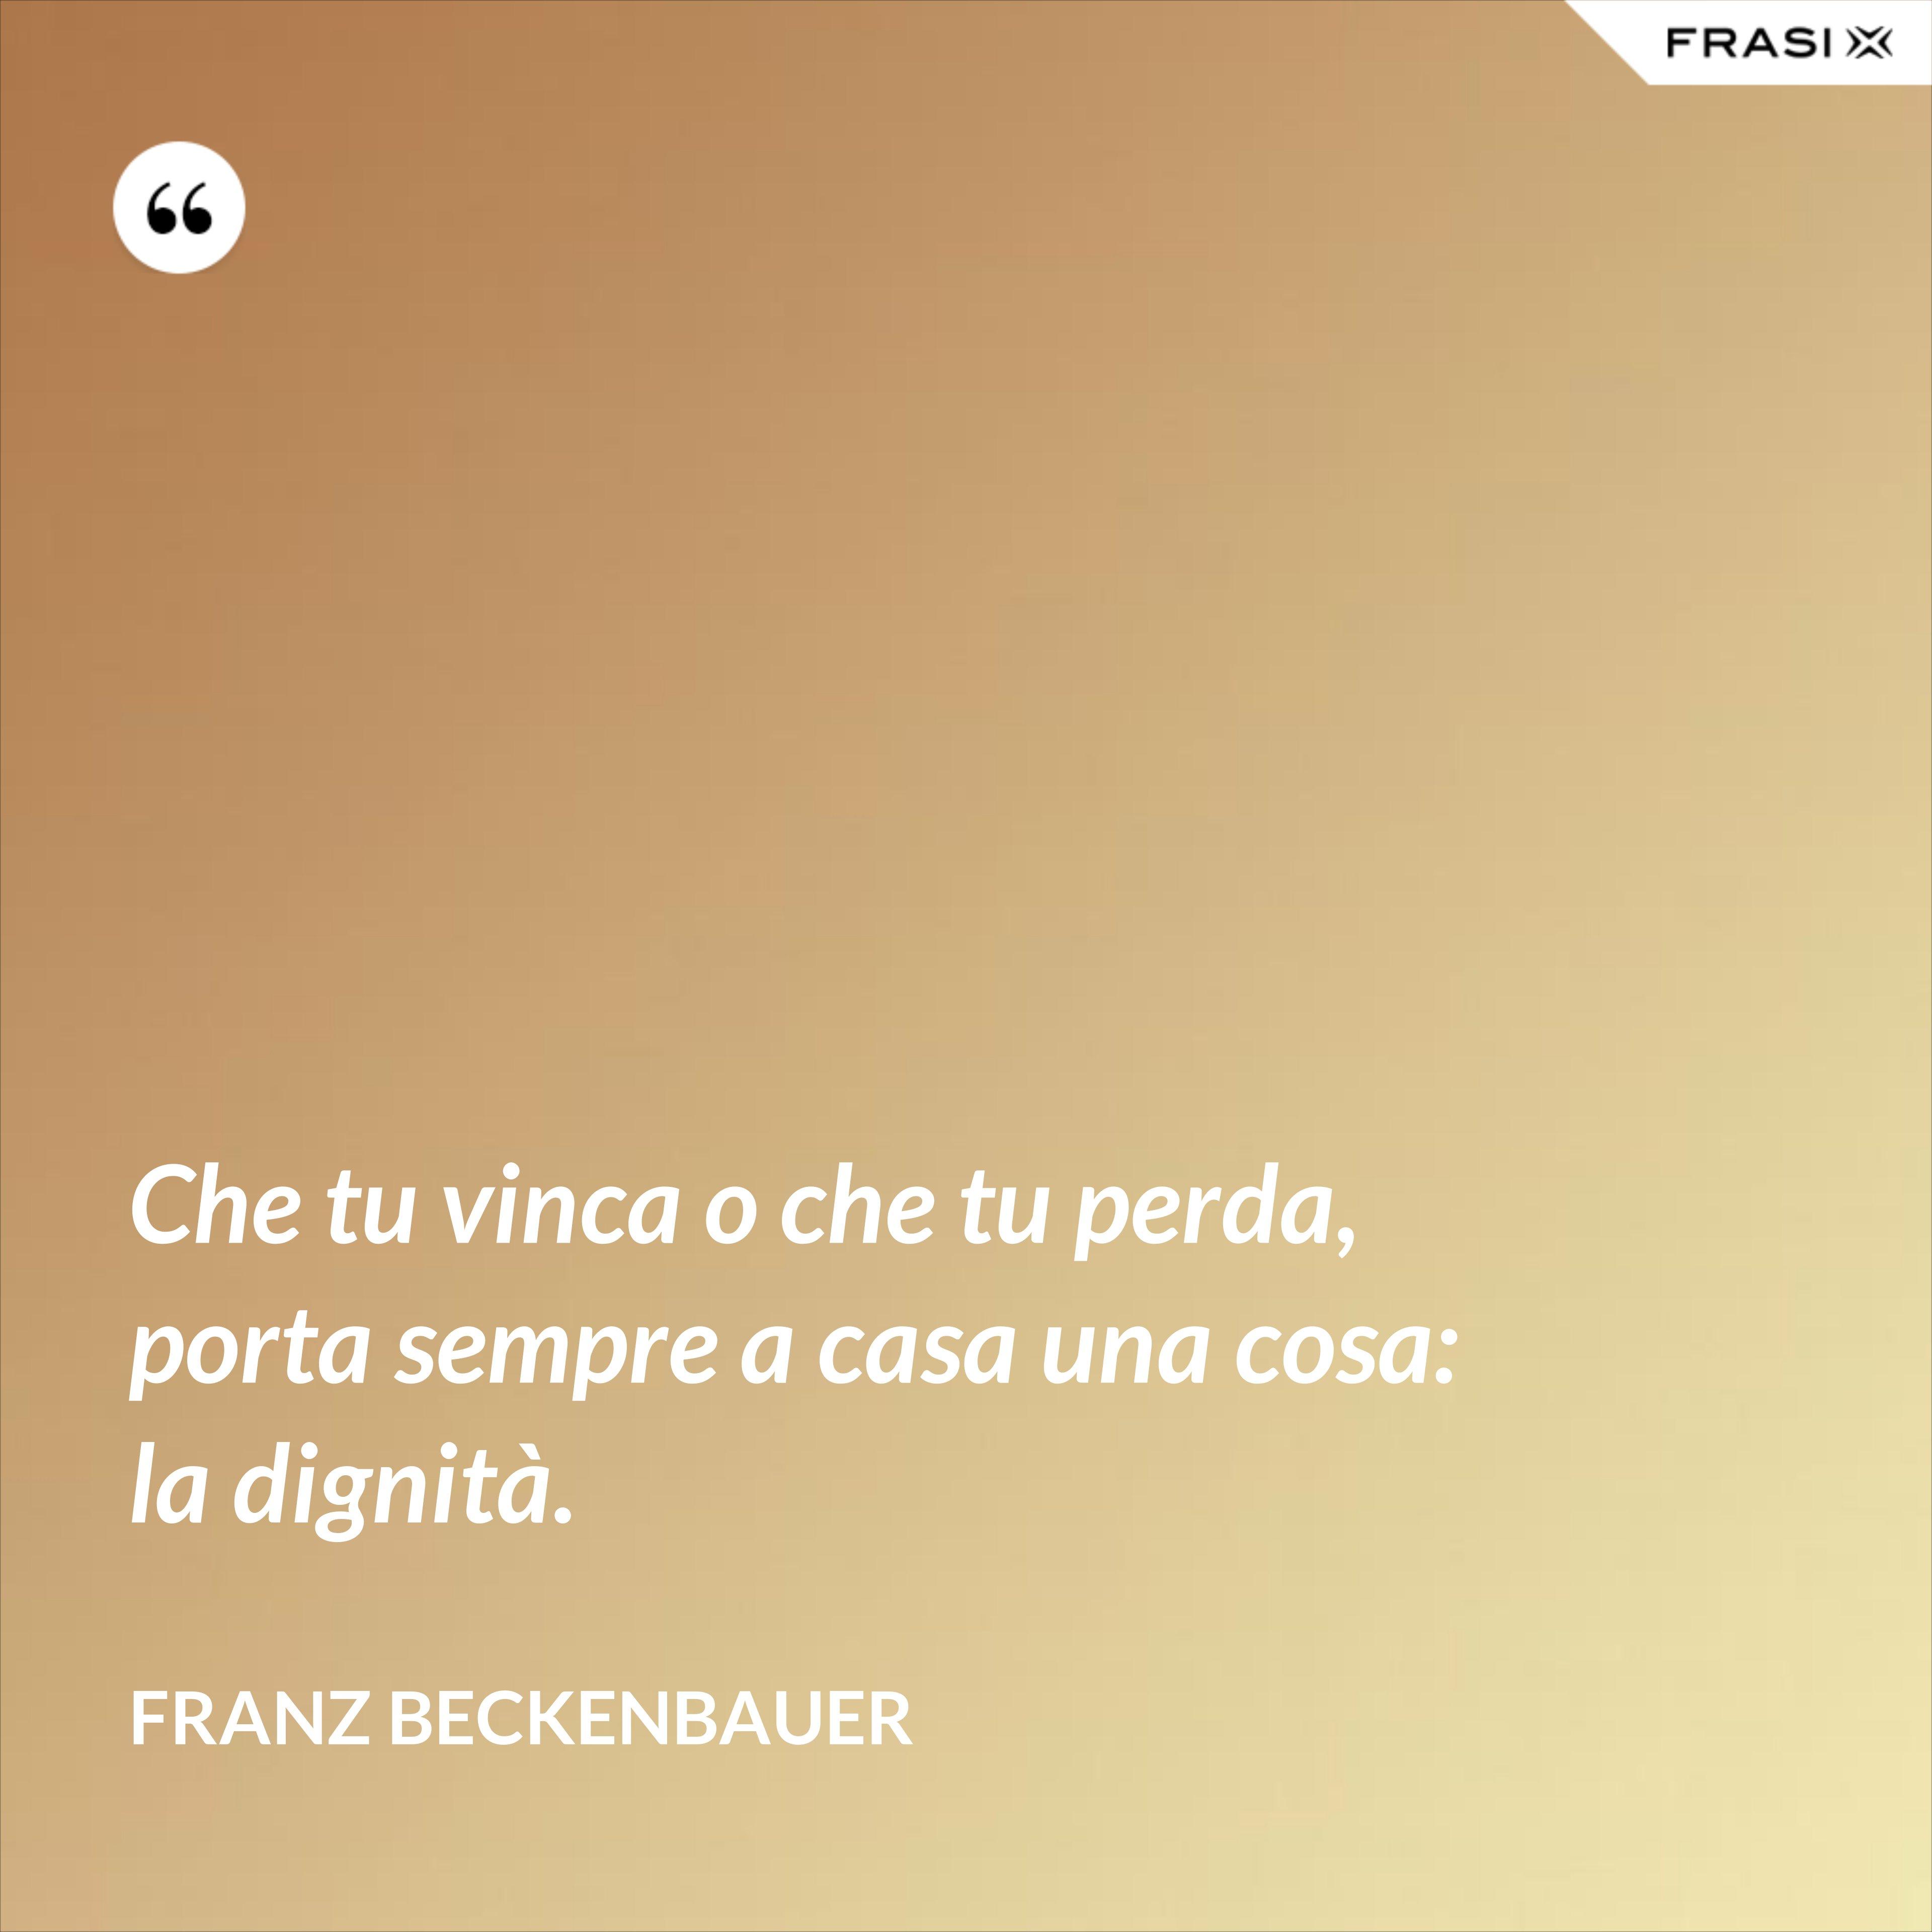 Che tu vinca o che tu perda, porta sempre a casa una cosa: la dignità. - Franz Beckenbauer